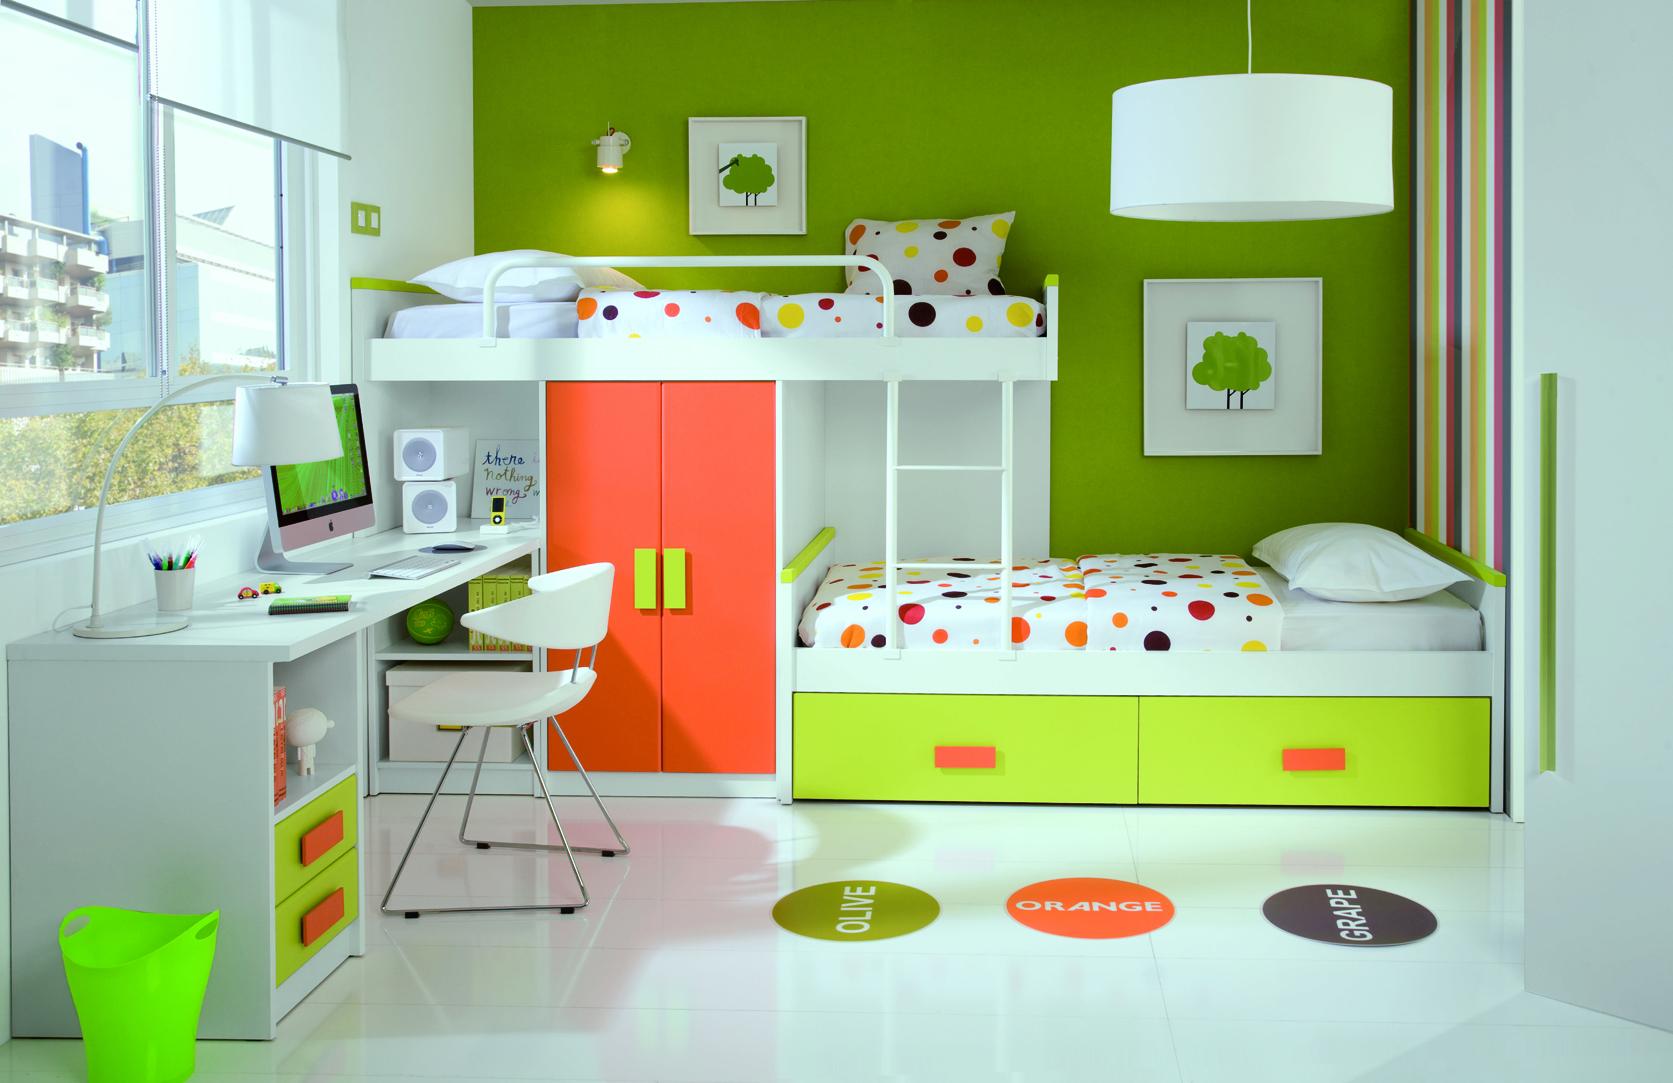 صورة غرف اطفال مودرن , تصاميم غرف مميزة 5259 1